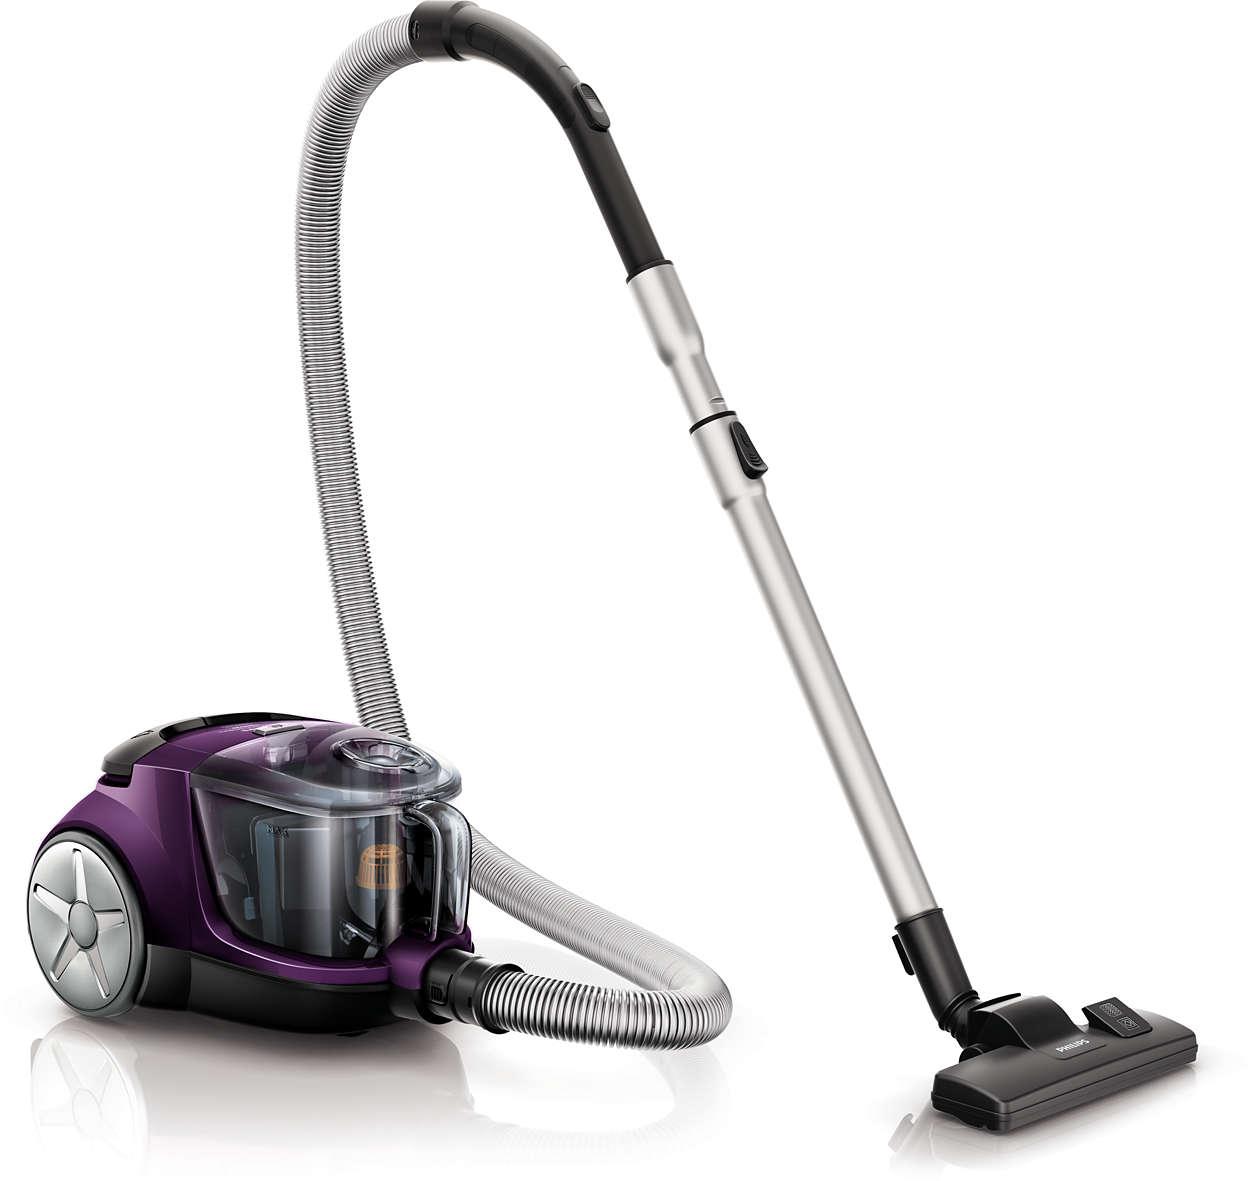 20% hogere zuigkracht* voor een betere reiniging